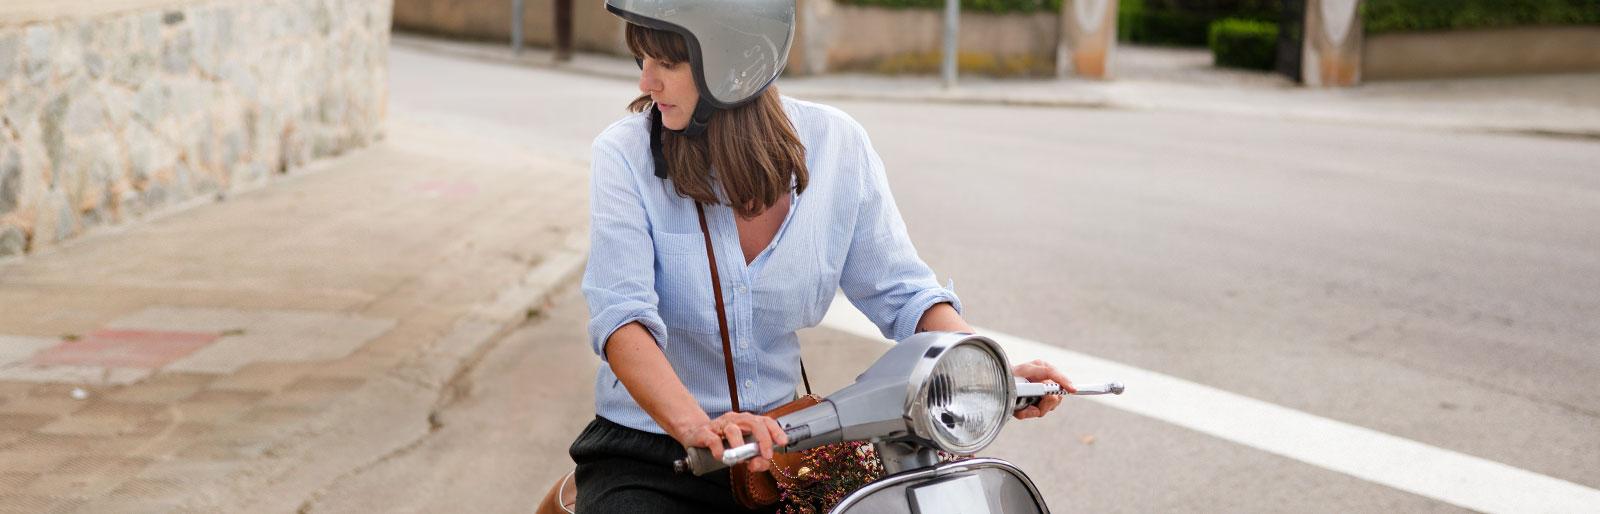 ergo mopedversicherung sofort erh ltlich schneller. Black Bedroom Furniture Sets. Home Design Ideas